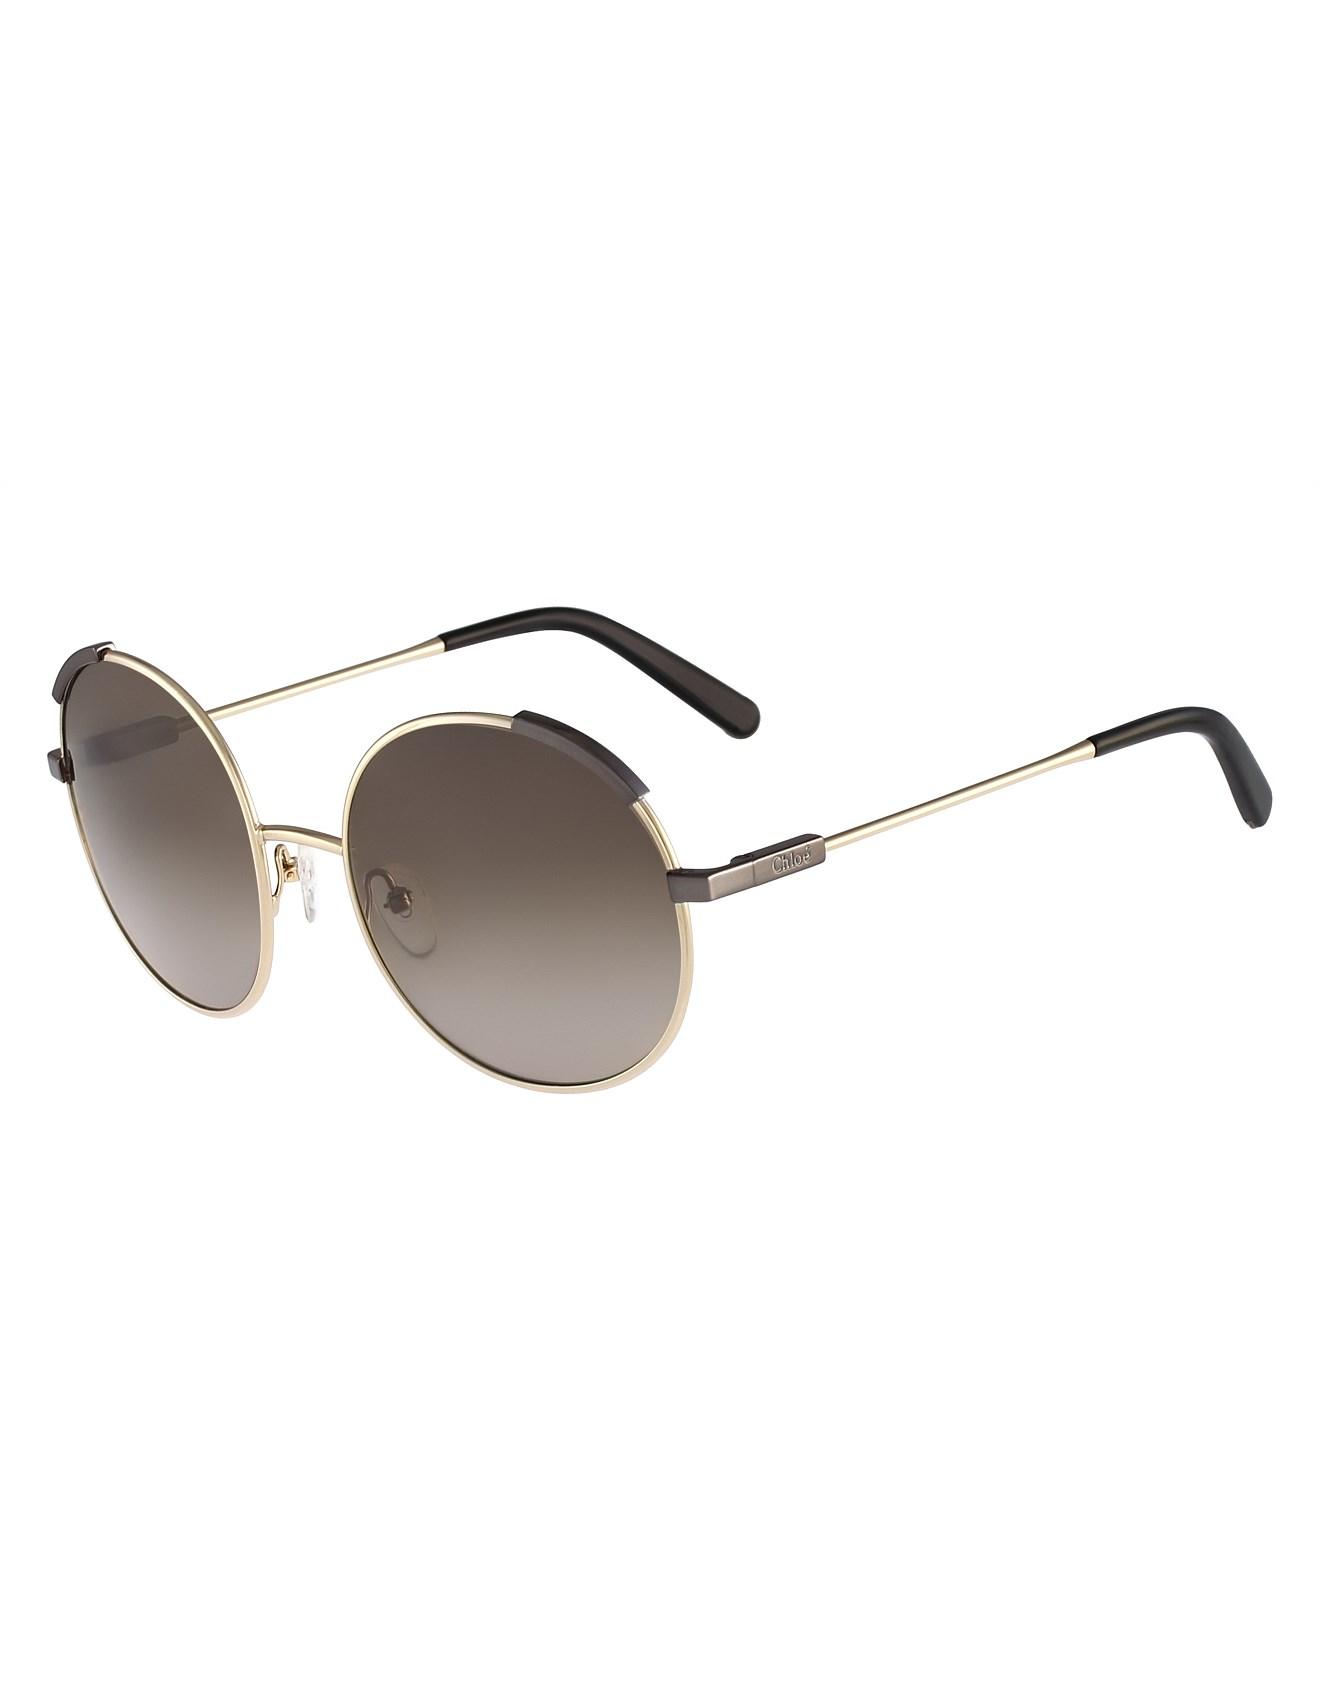 4eb250410694 Eria Sunglasses